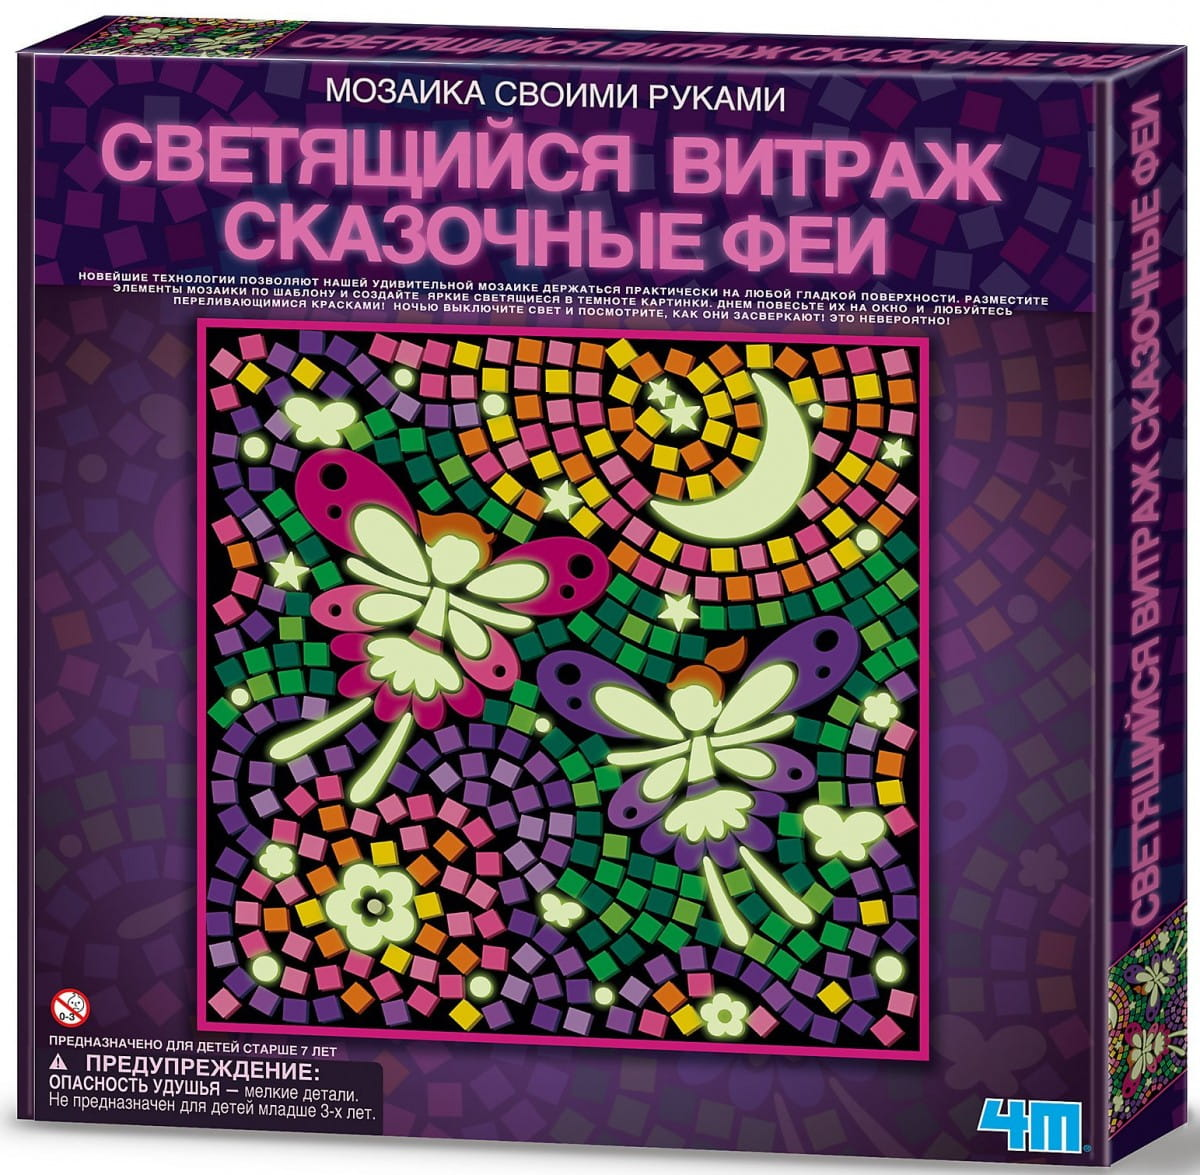 Светящийся витраж 4M 00-04647 Сказочные феи